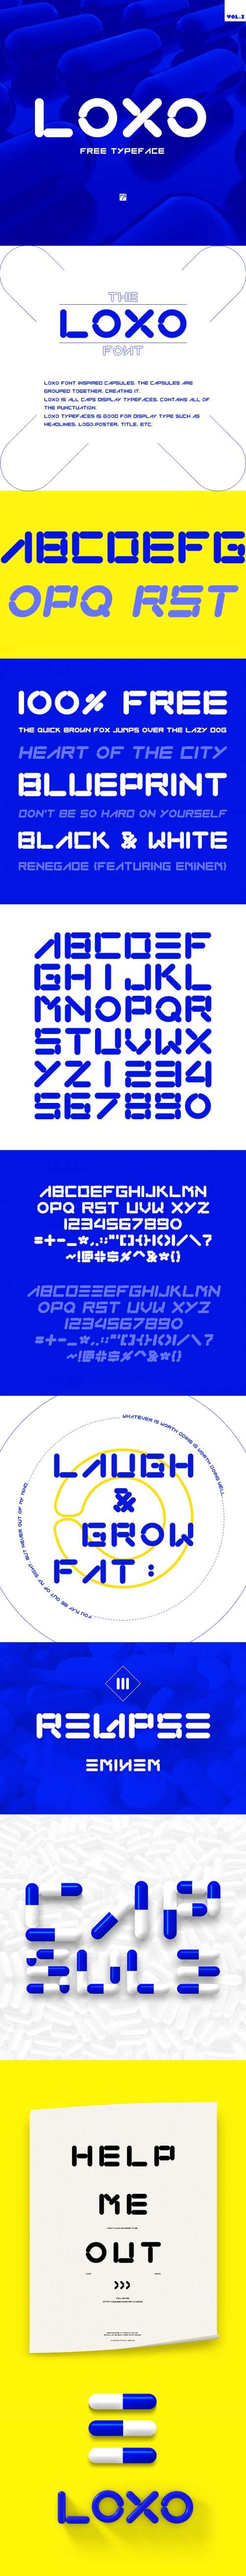 Z72yX1kkc9.jpg